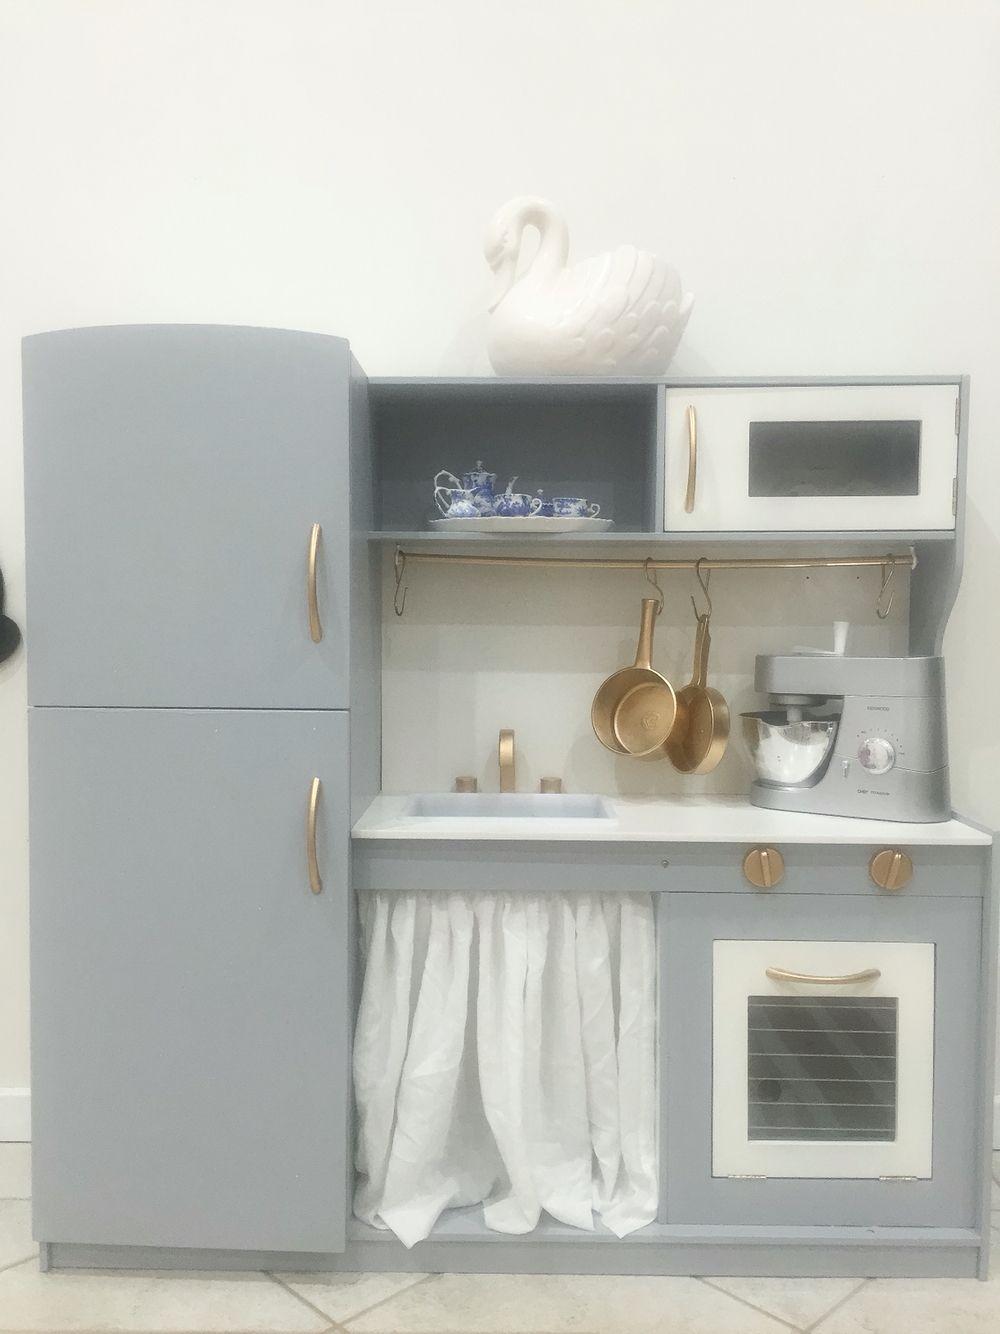 kmart hack of children s kitchen diy baby room art diy kmart toy kitchen baby room furniture on kitchen ideas kmart id=16955